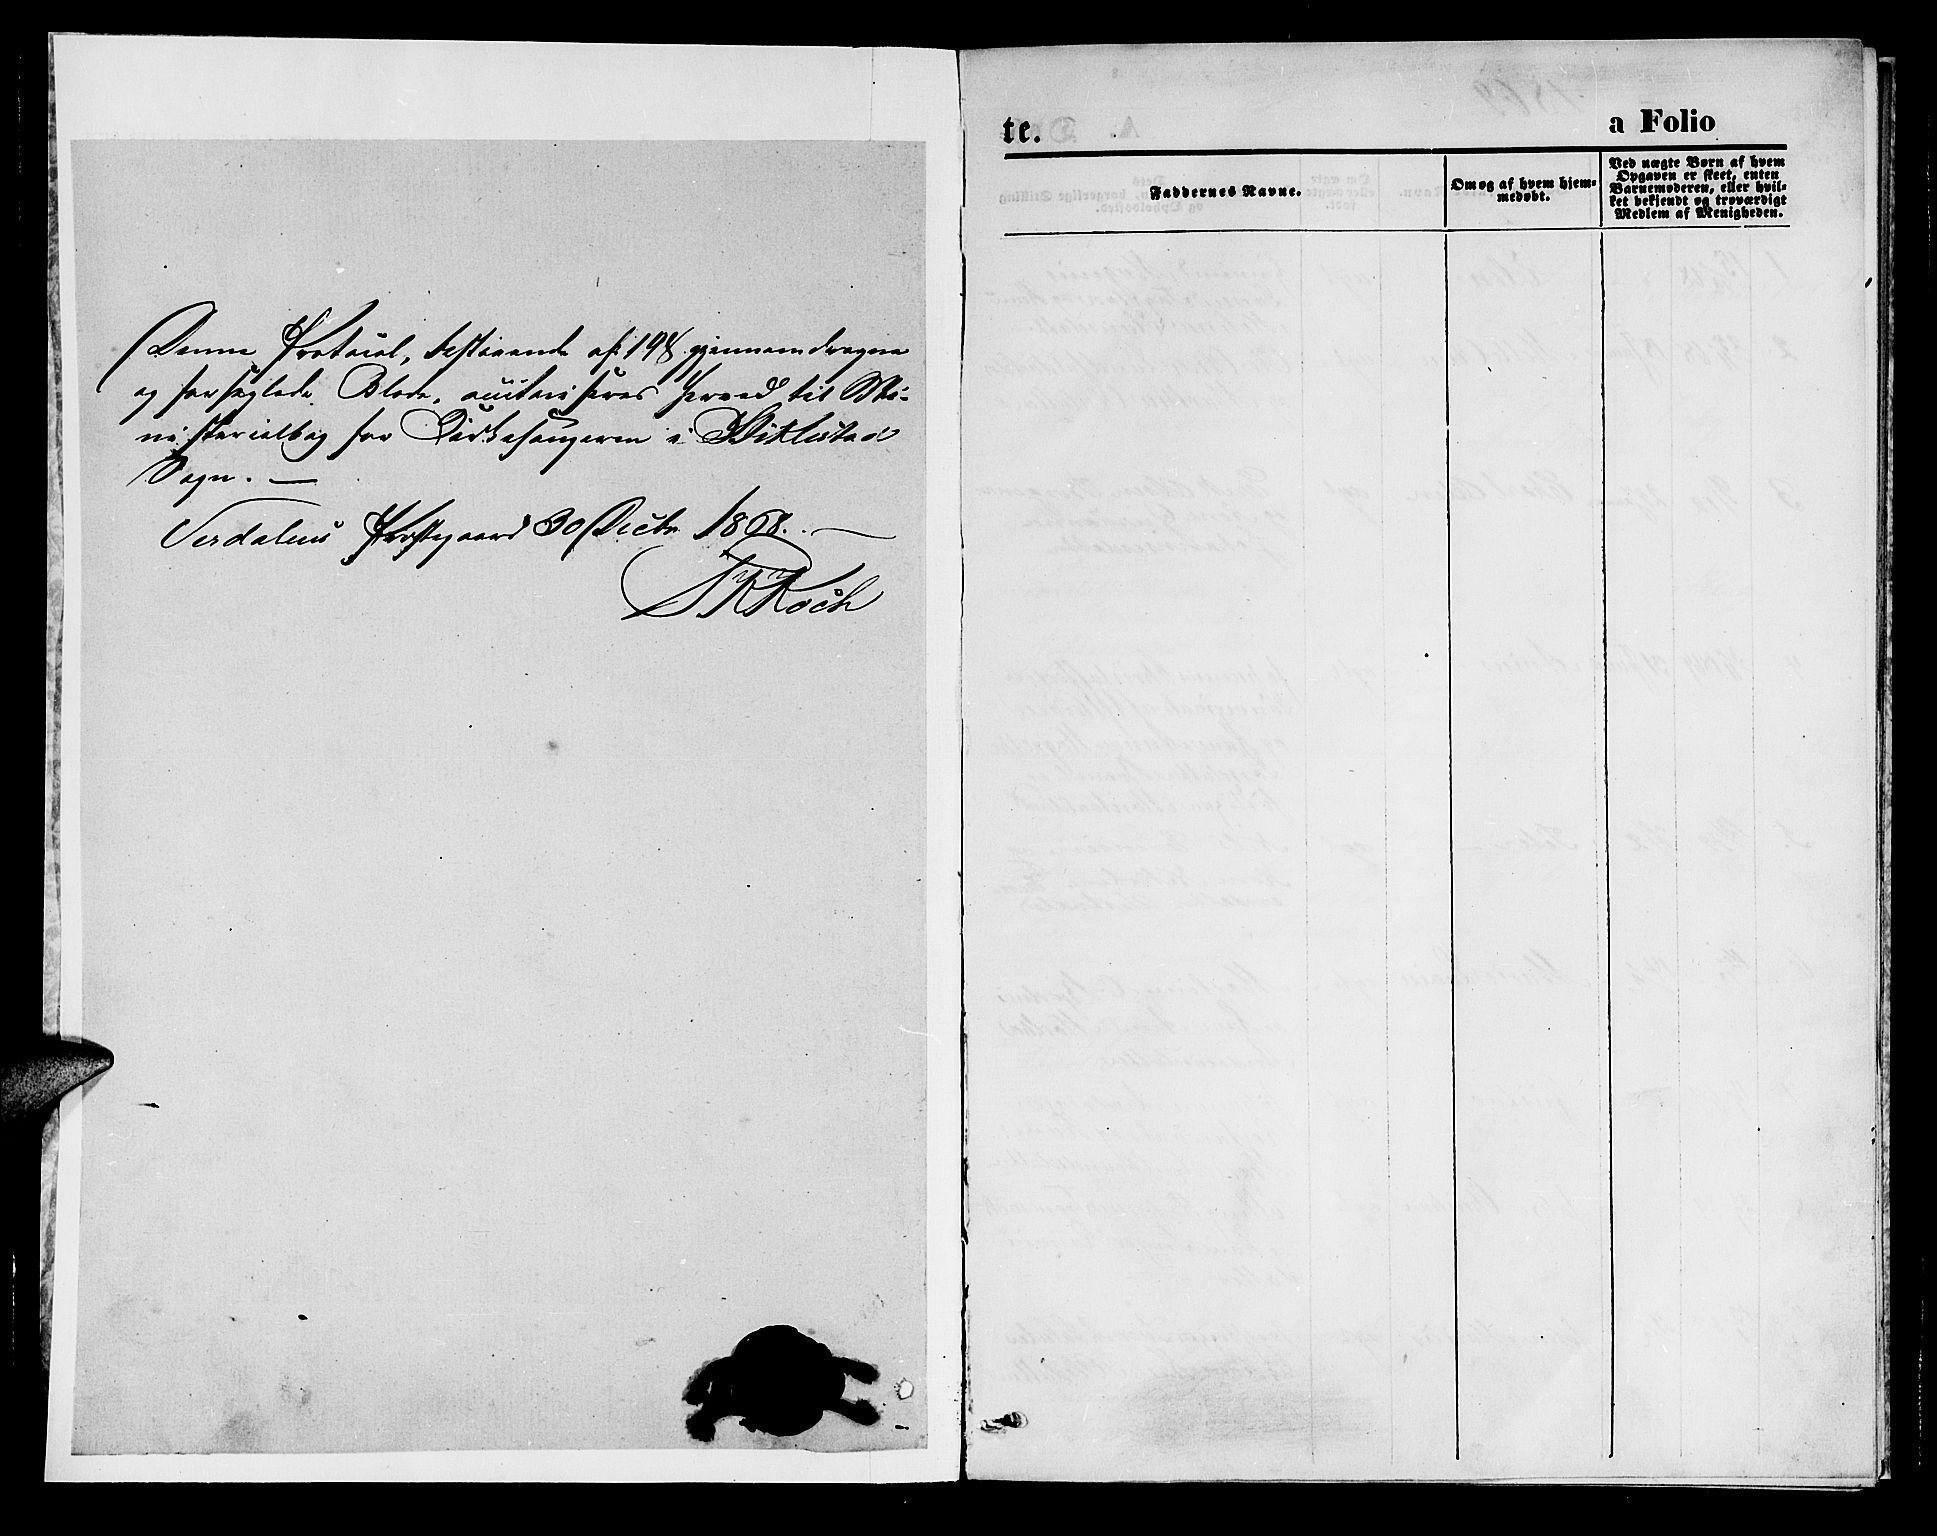 SAT, Ministerialprotokoller, klokkerbøker og fødselsregistre - Nord-Trøndelag, 723/L0255: Klokkerbok nr. 723C03, 1869-1879